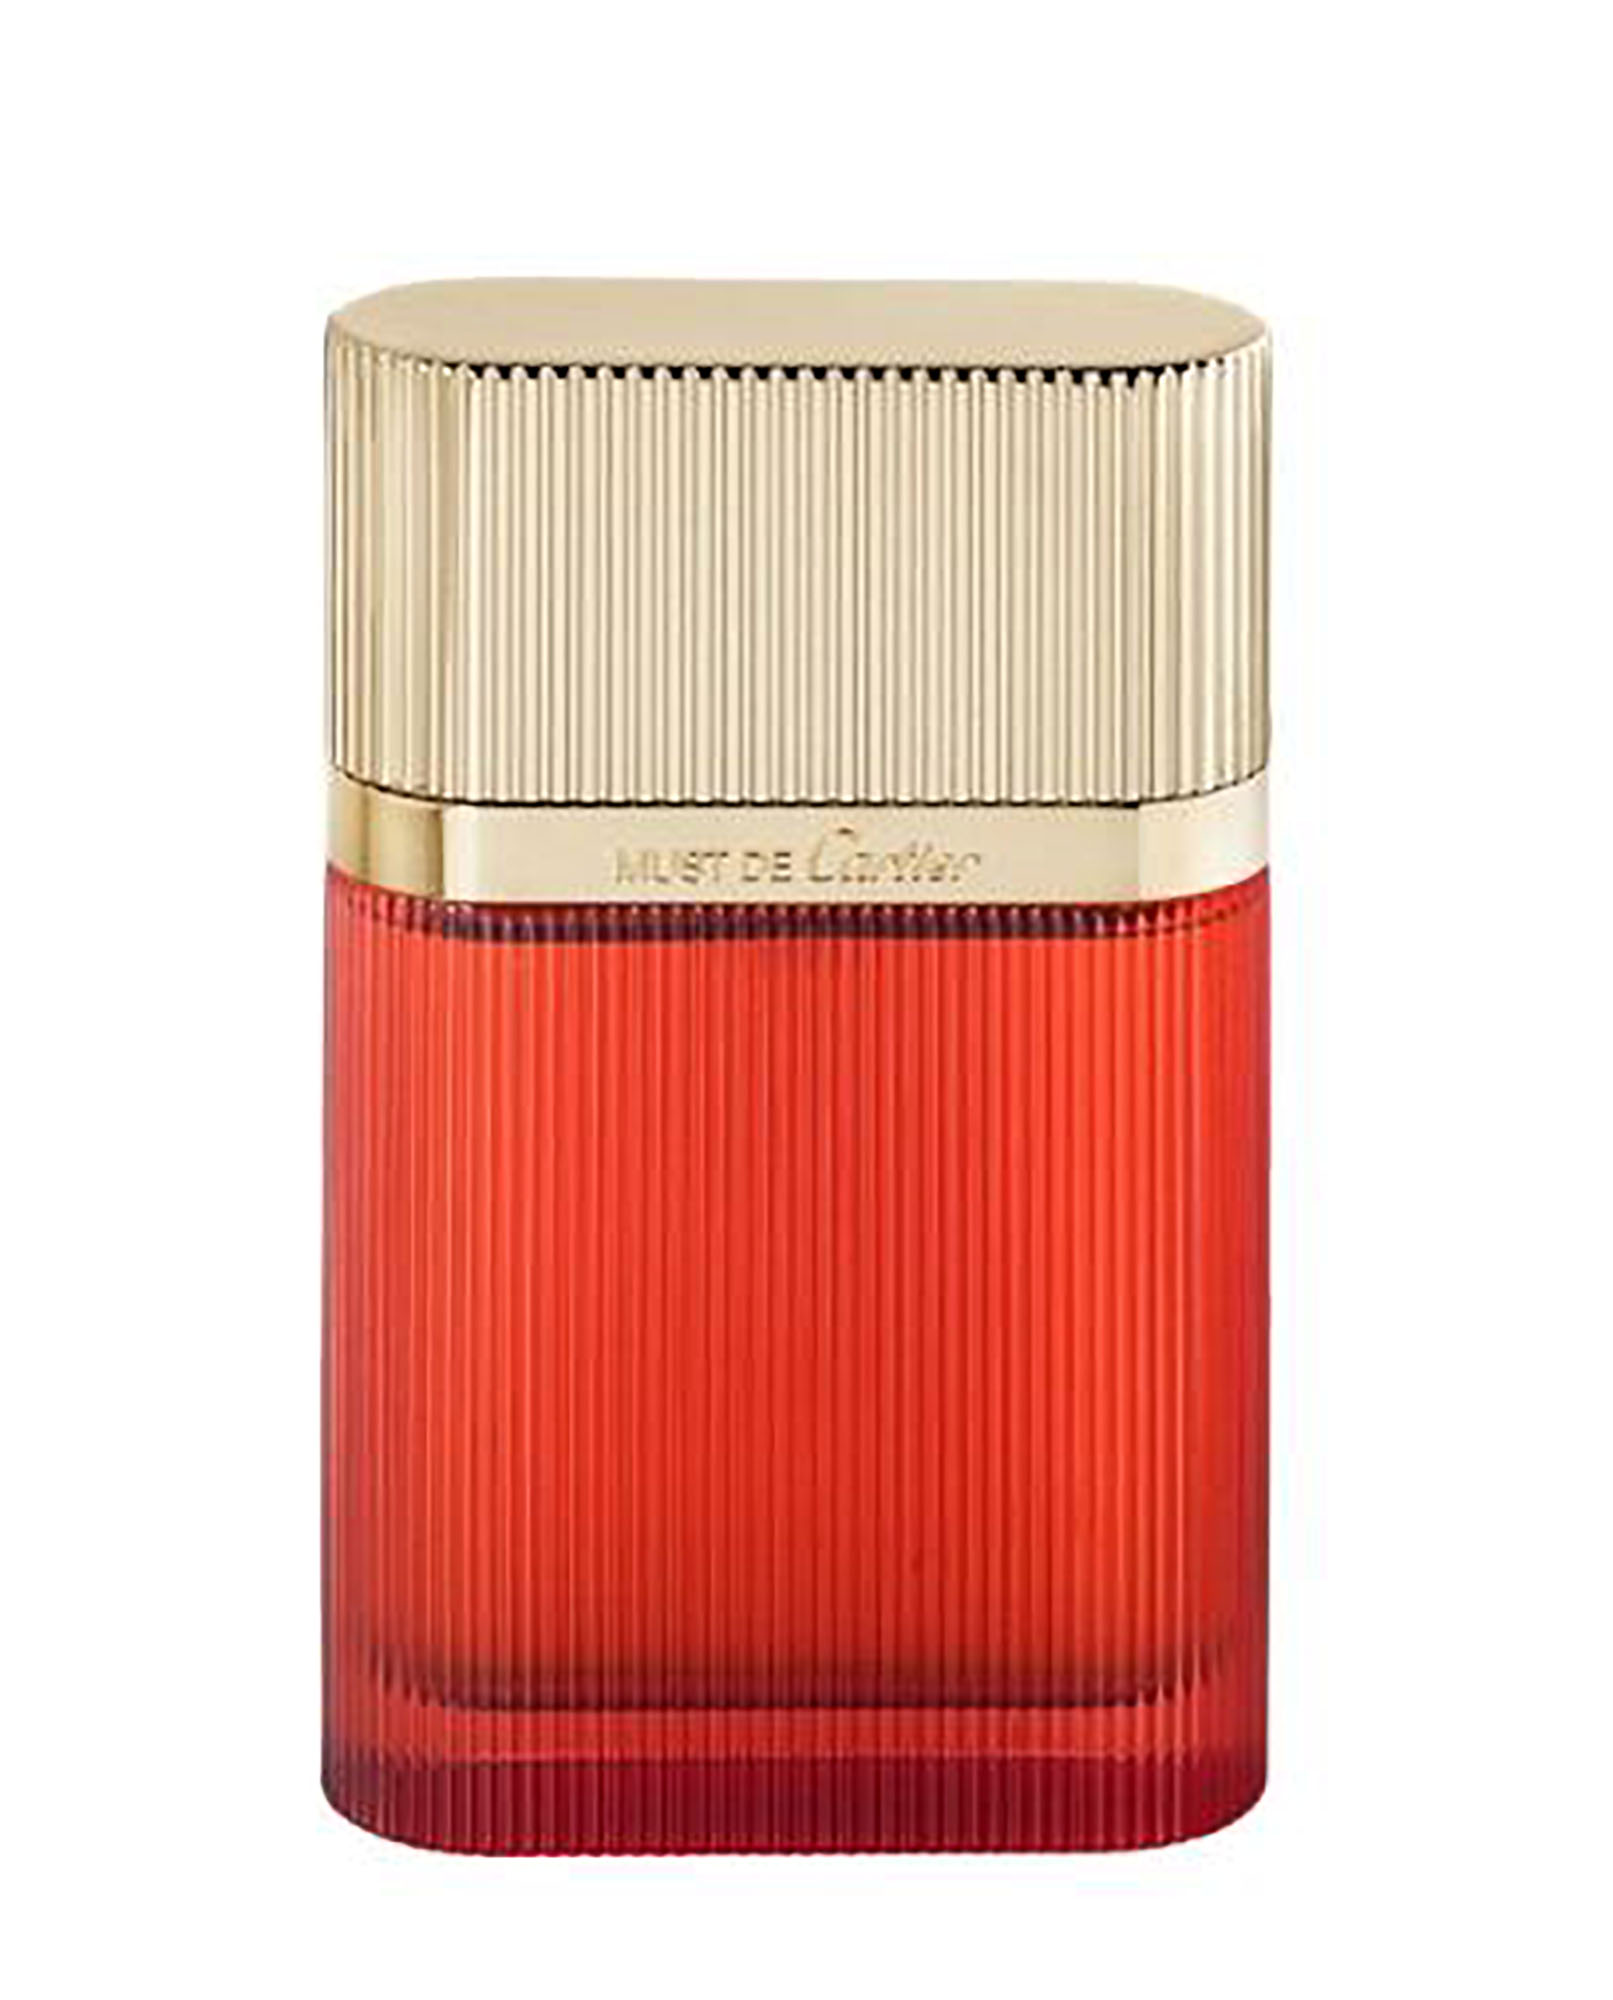 Cartier Must de Must de Cartier Parfum Vapo 50 ml 804219